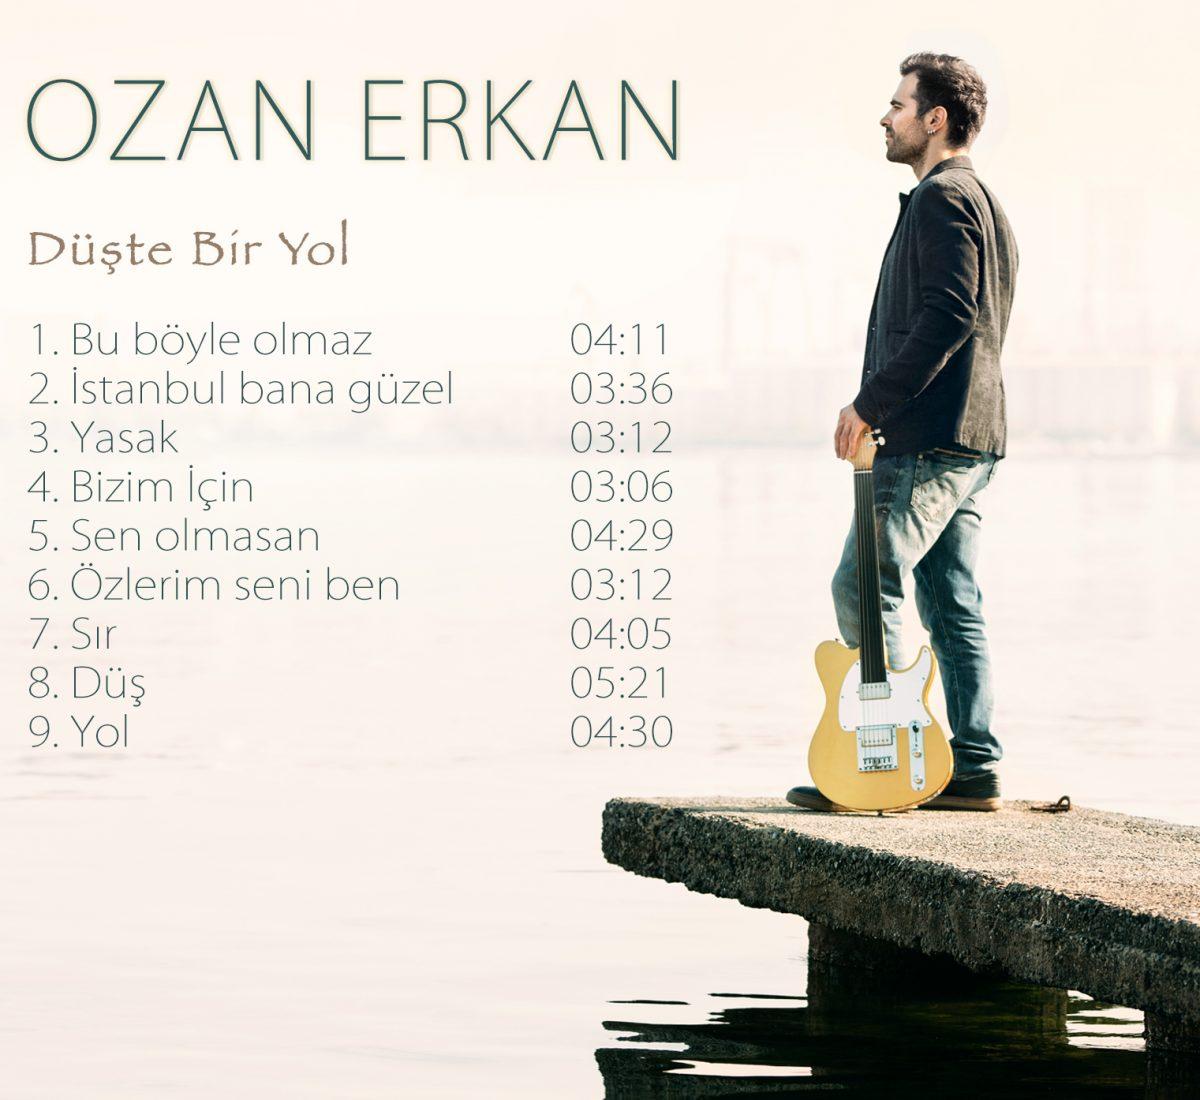 Cover-Ozan-Erkan-Album-Arka-Kapak